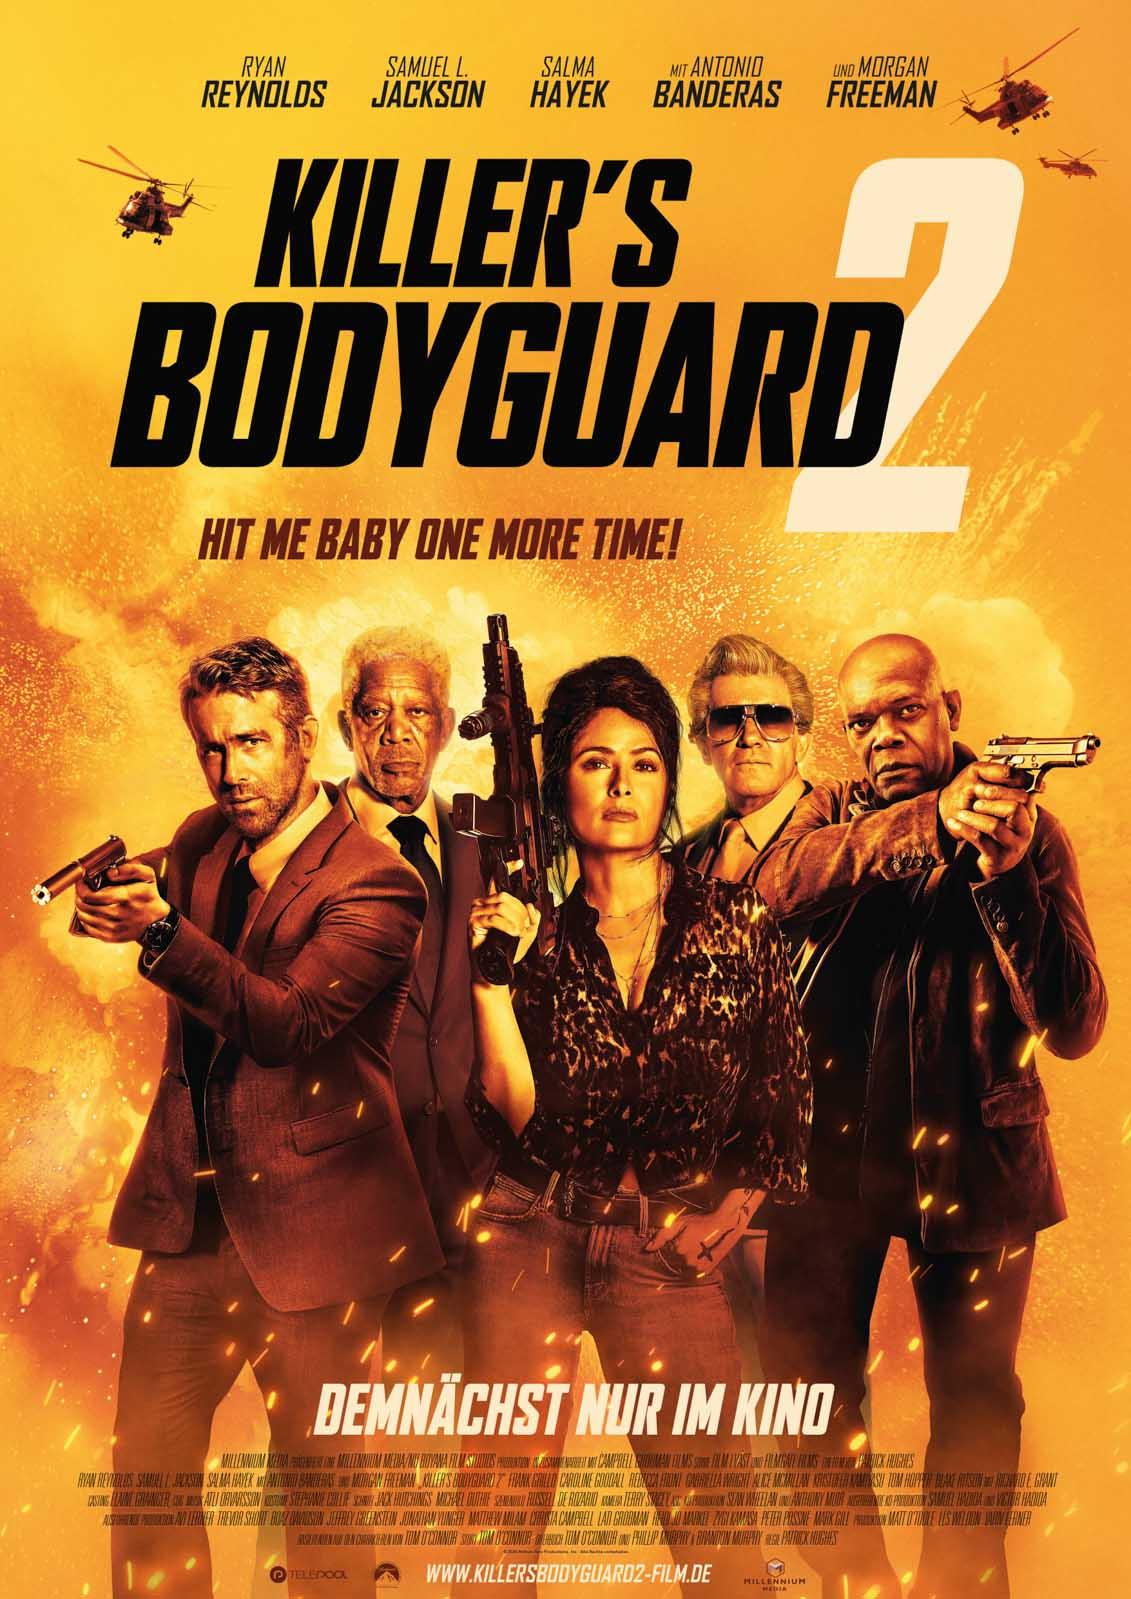 Killers_Bodyguard2